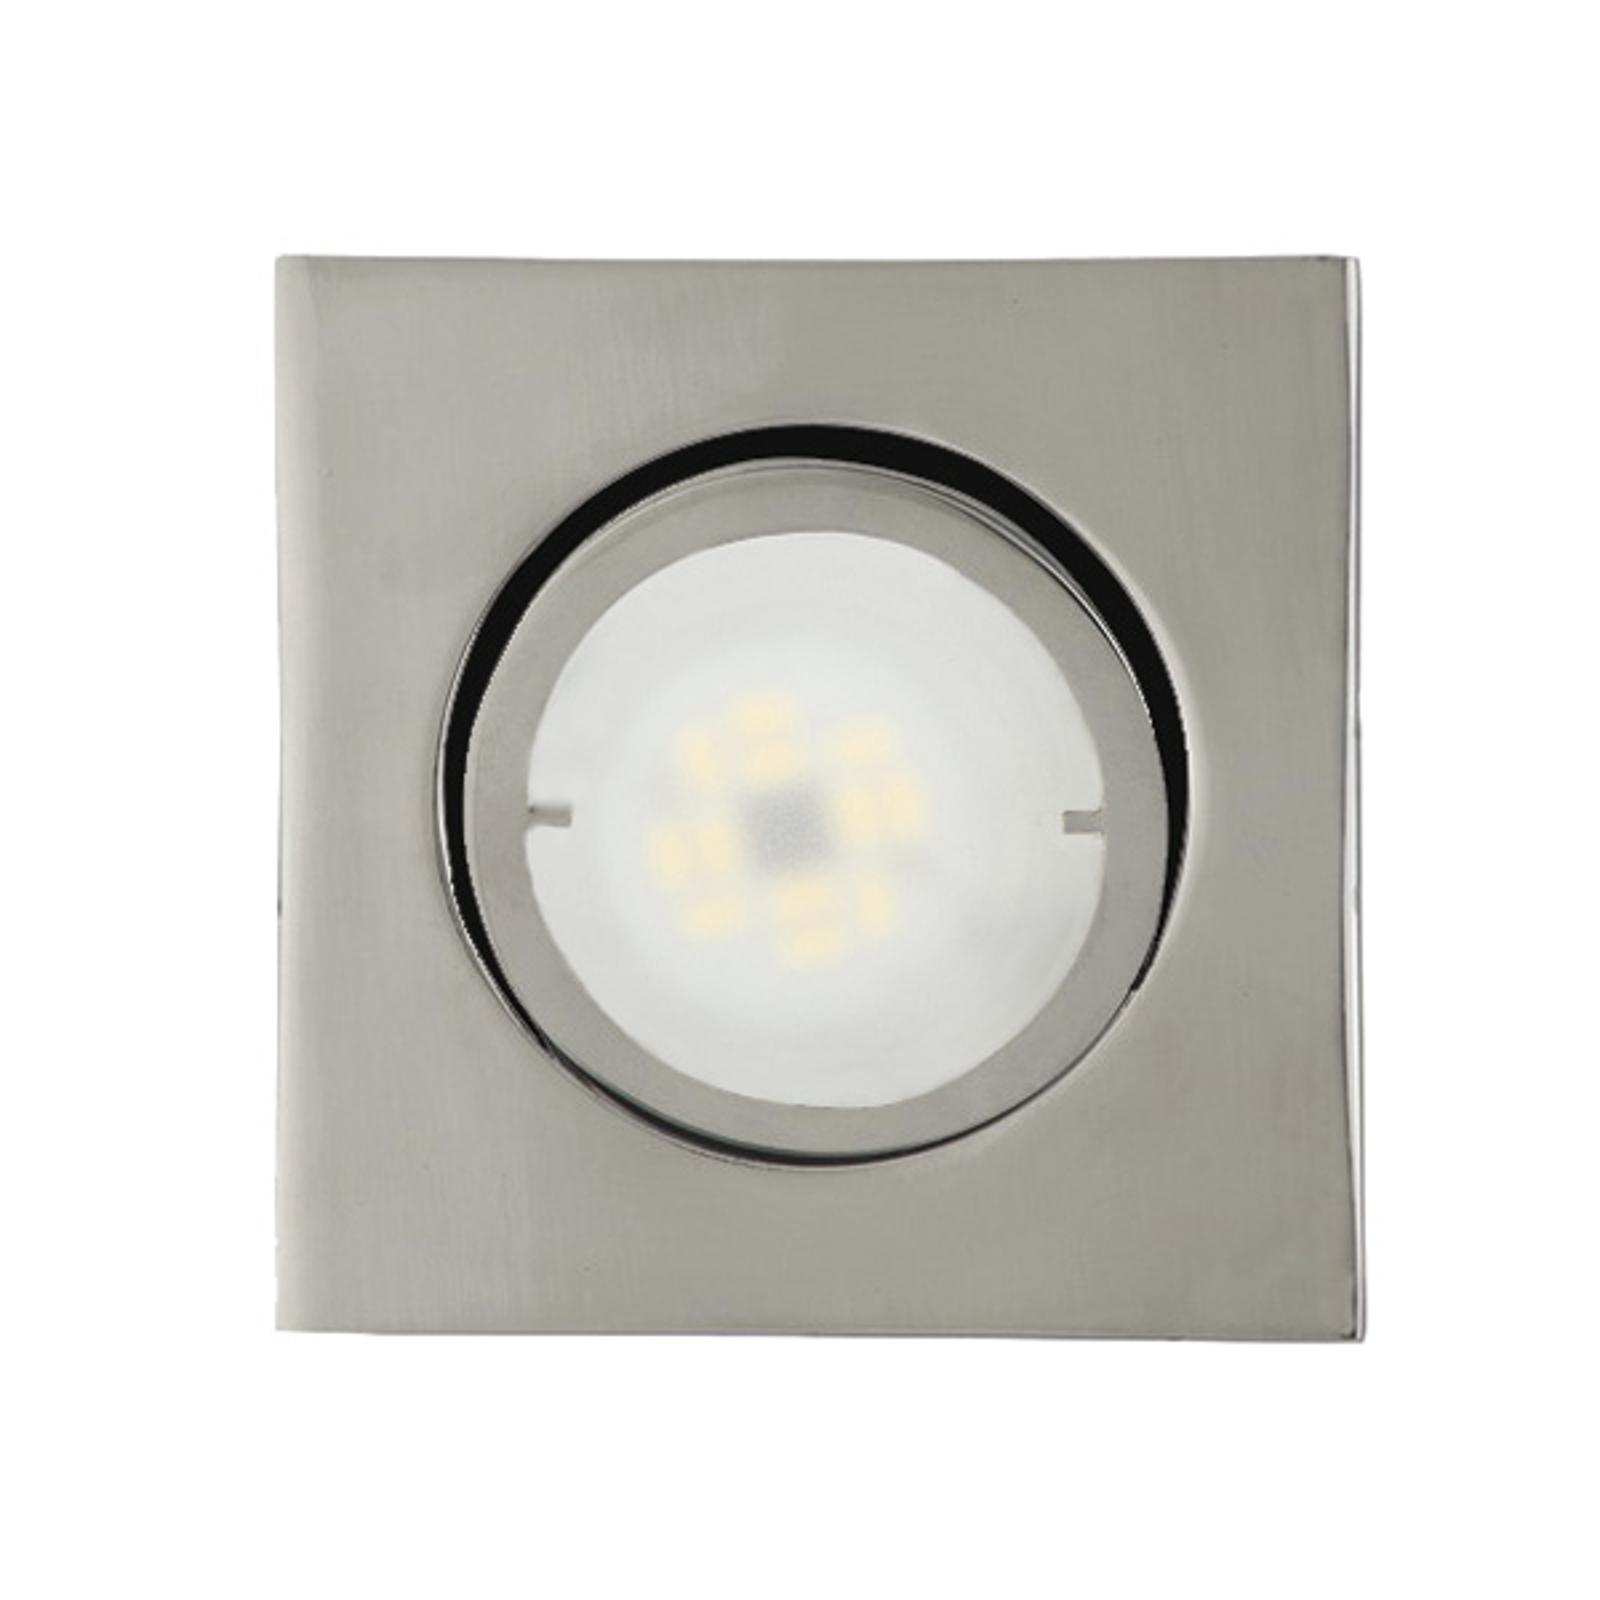 Lámpara empotrada LED angular Joanie, cromo